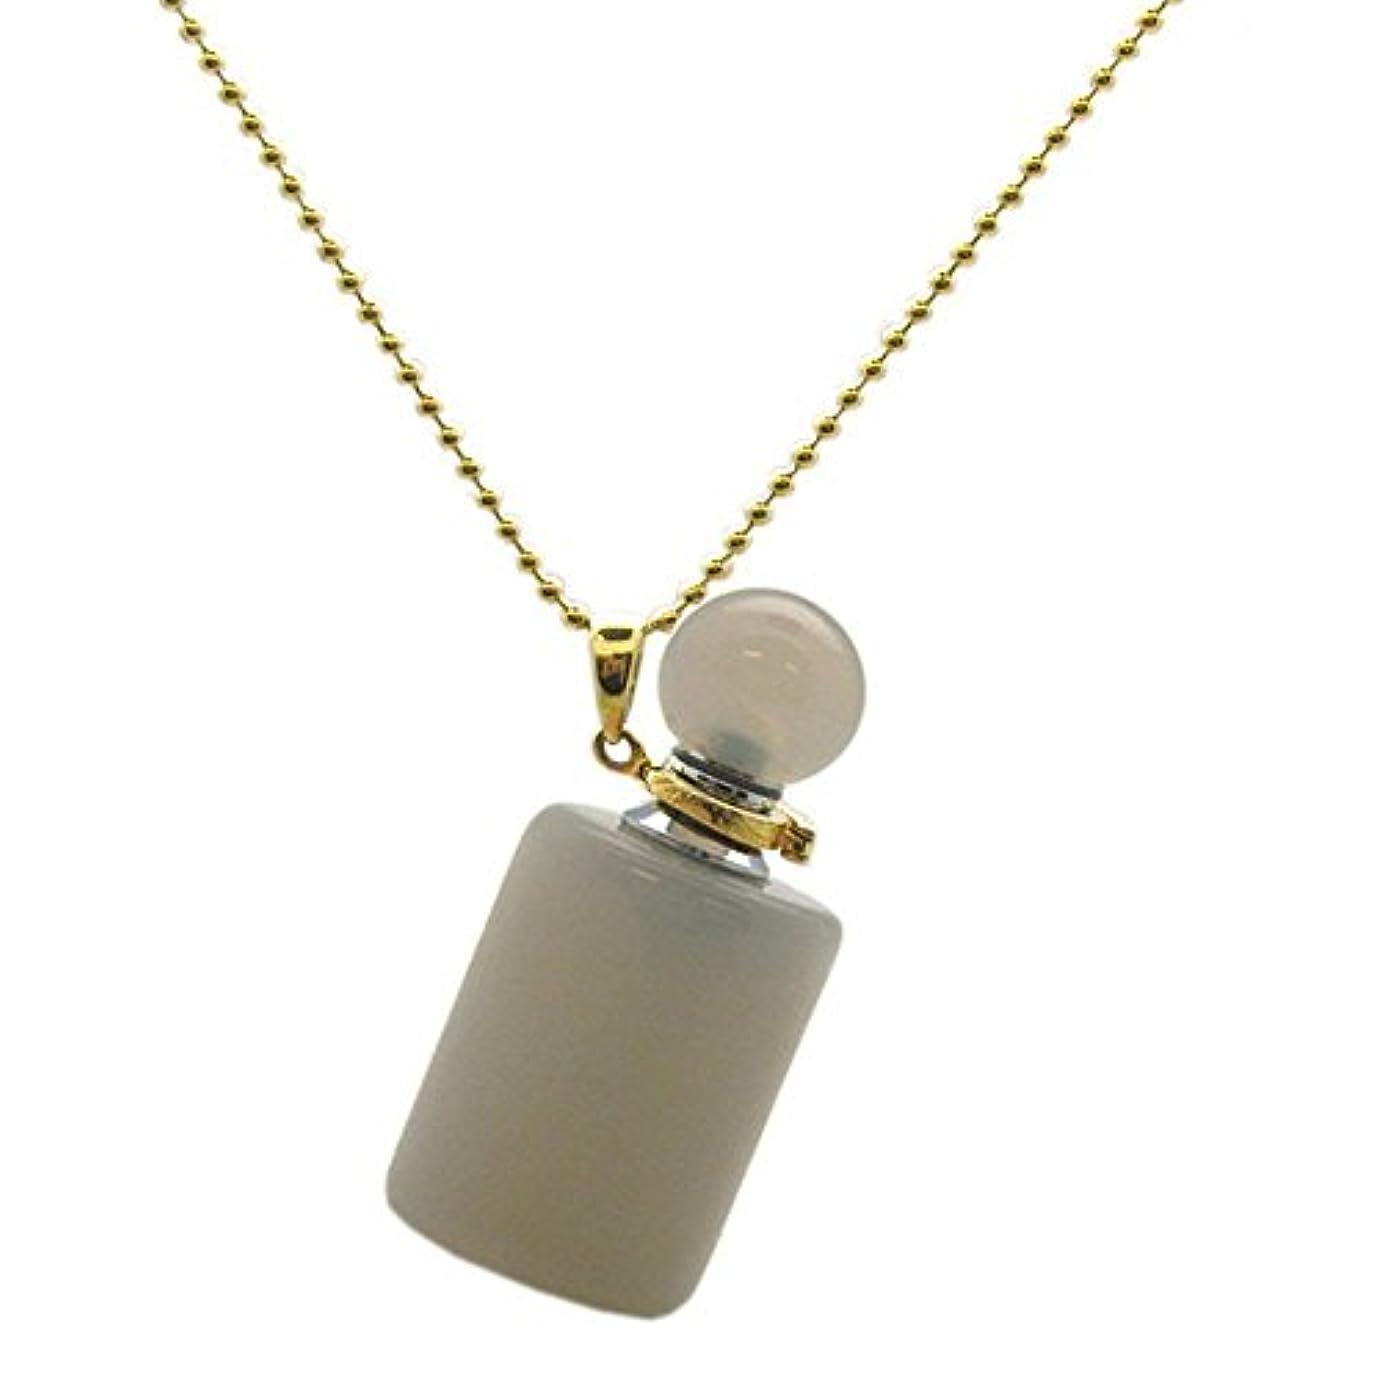 ガラガラブースせっかちケイトAvenue Gold over Sterling Silver Gemstone Aromatherapy Essential Oil Diffuserネックレス、香水とMosquito Repellentネックレス...